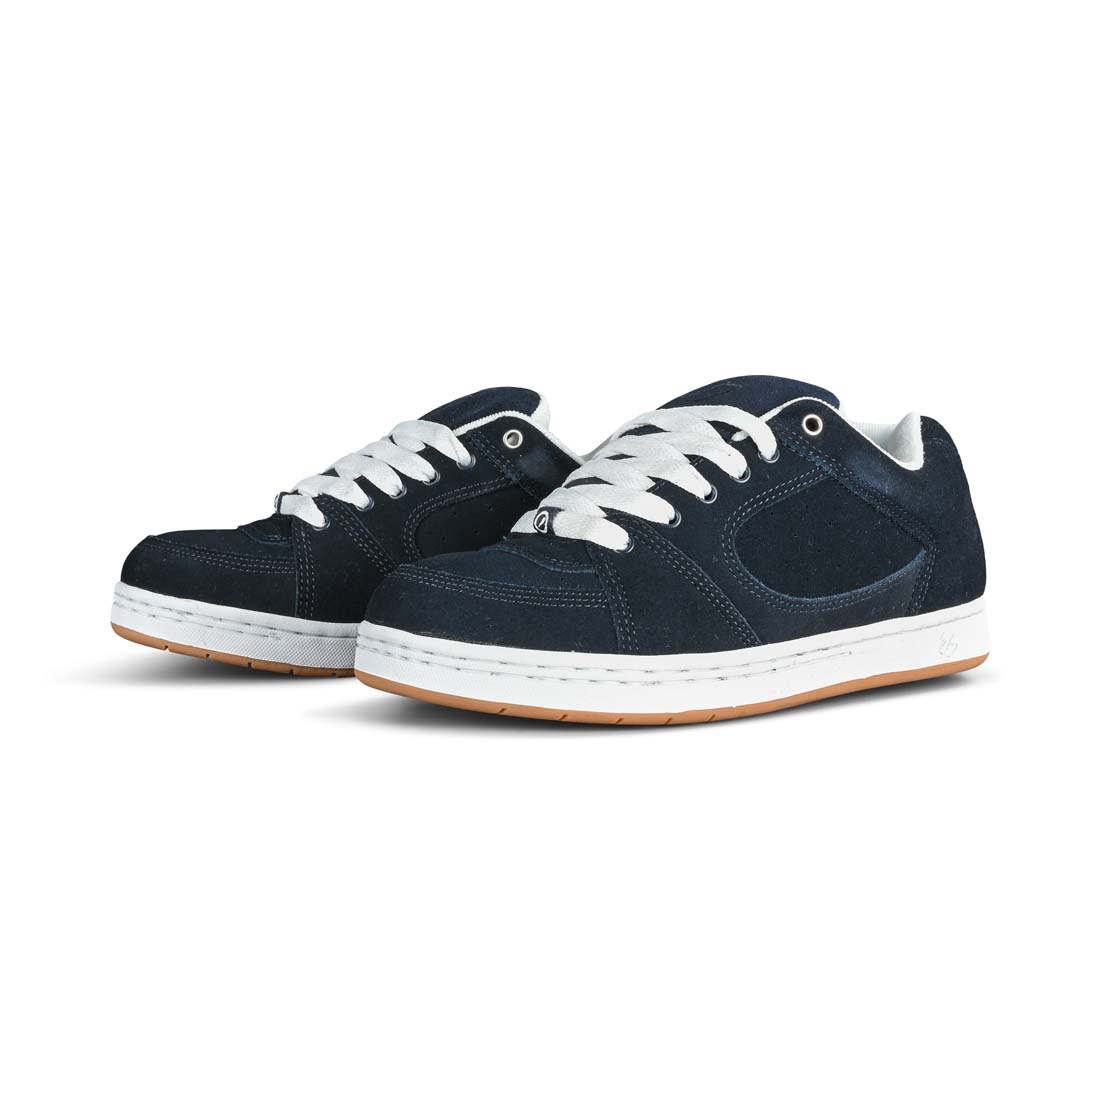 eS Accel OG Skate Shoes - Navy / White